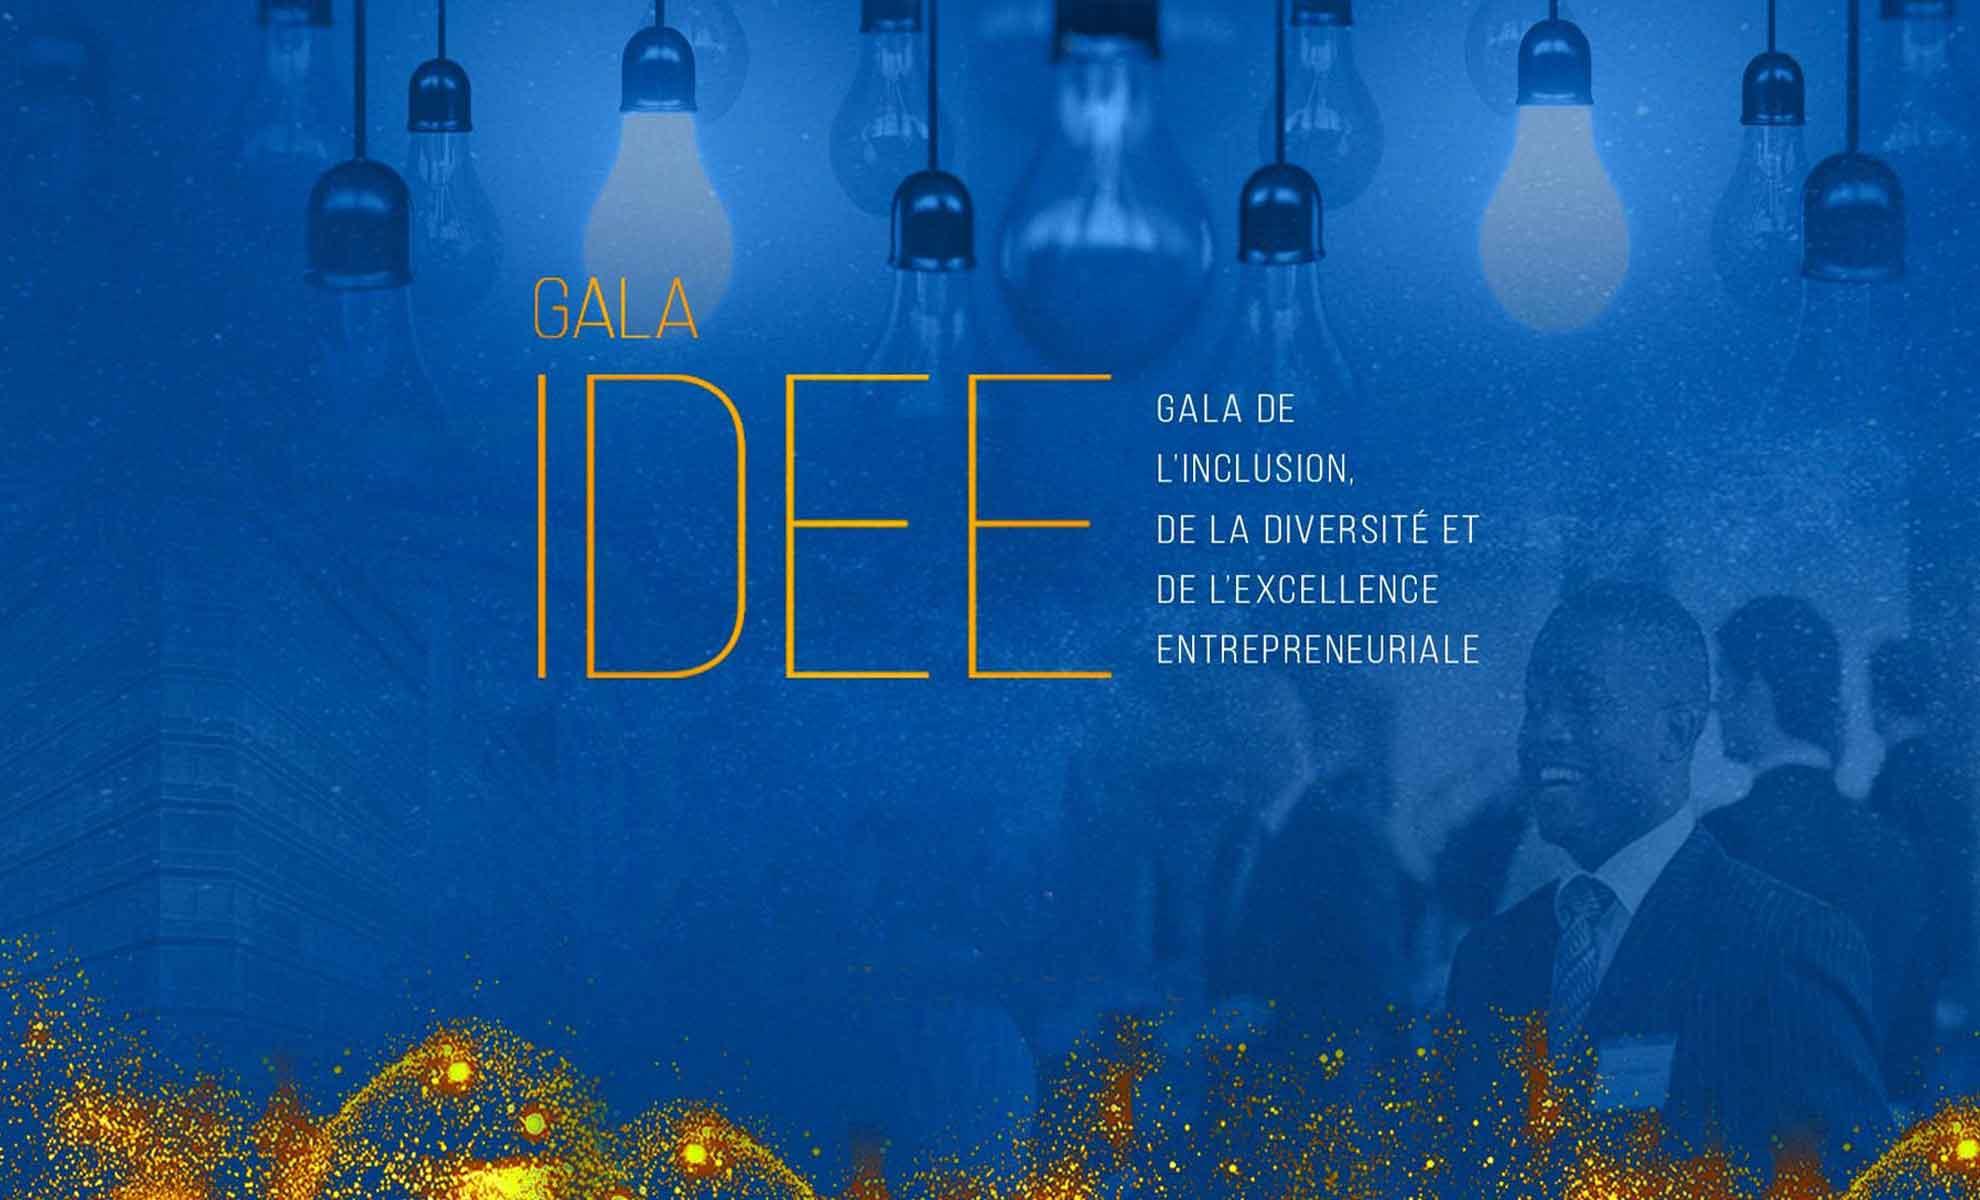 Gala IDEE